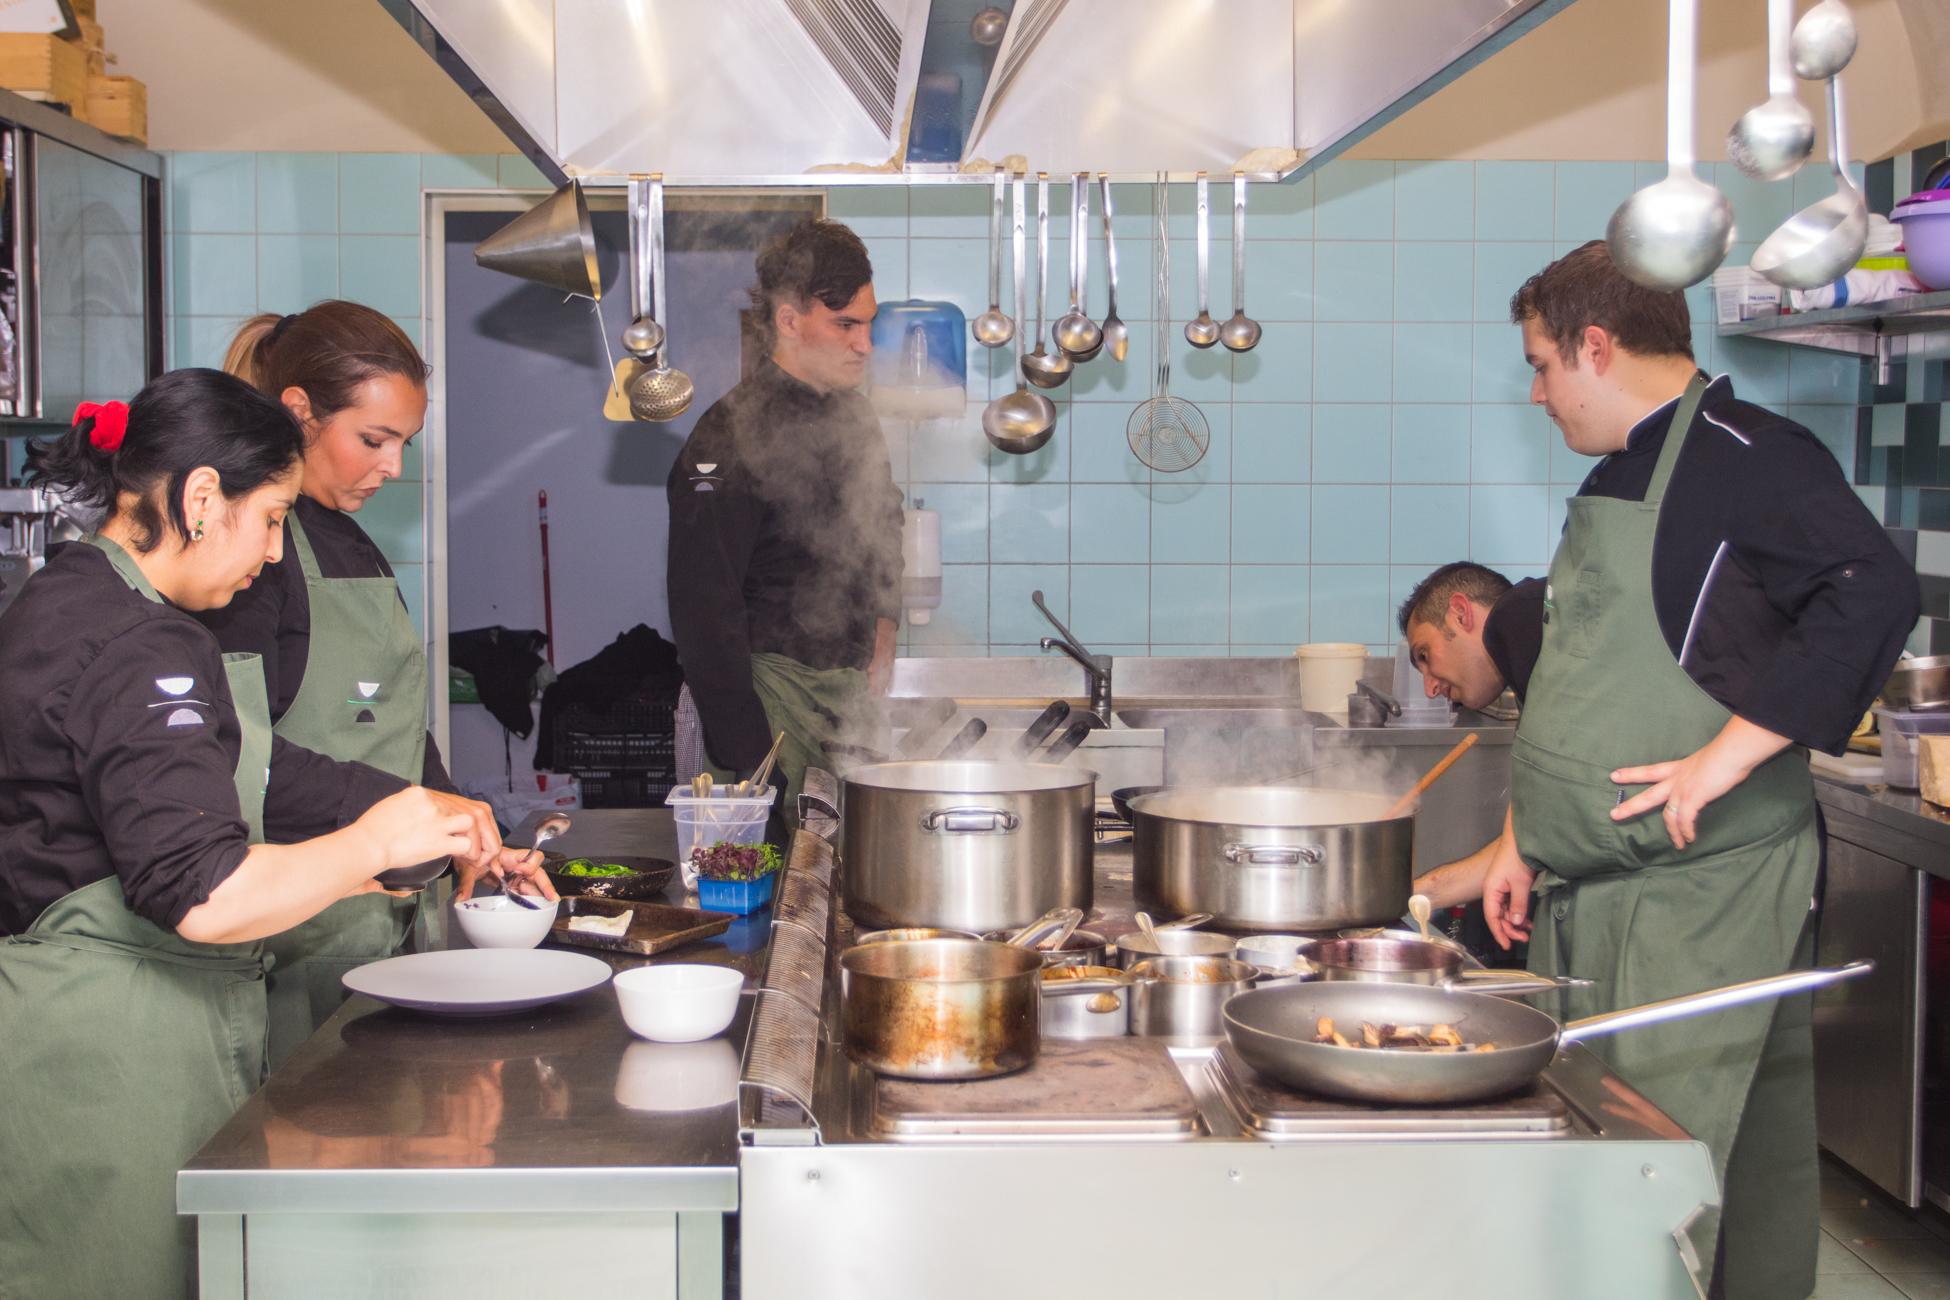 servizio-in-cucina-ristorante-les-caves